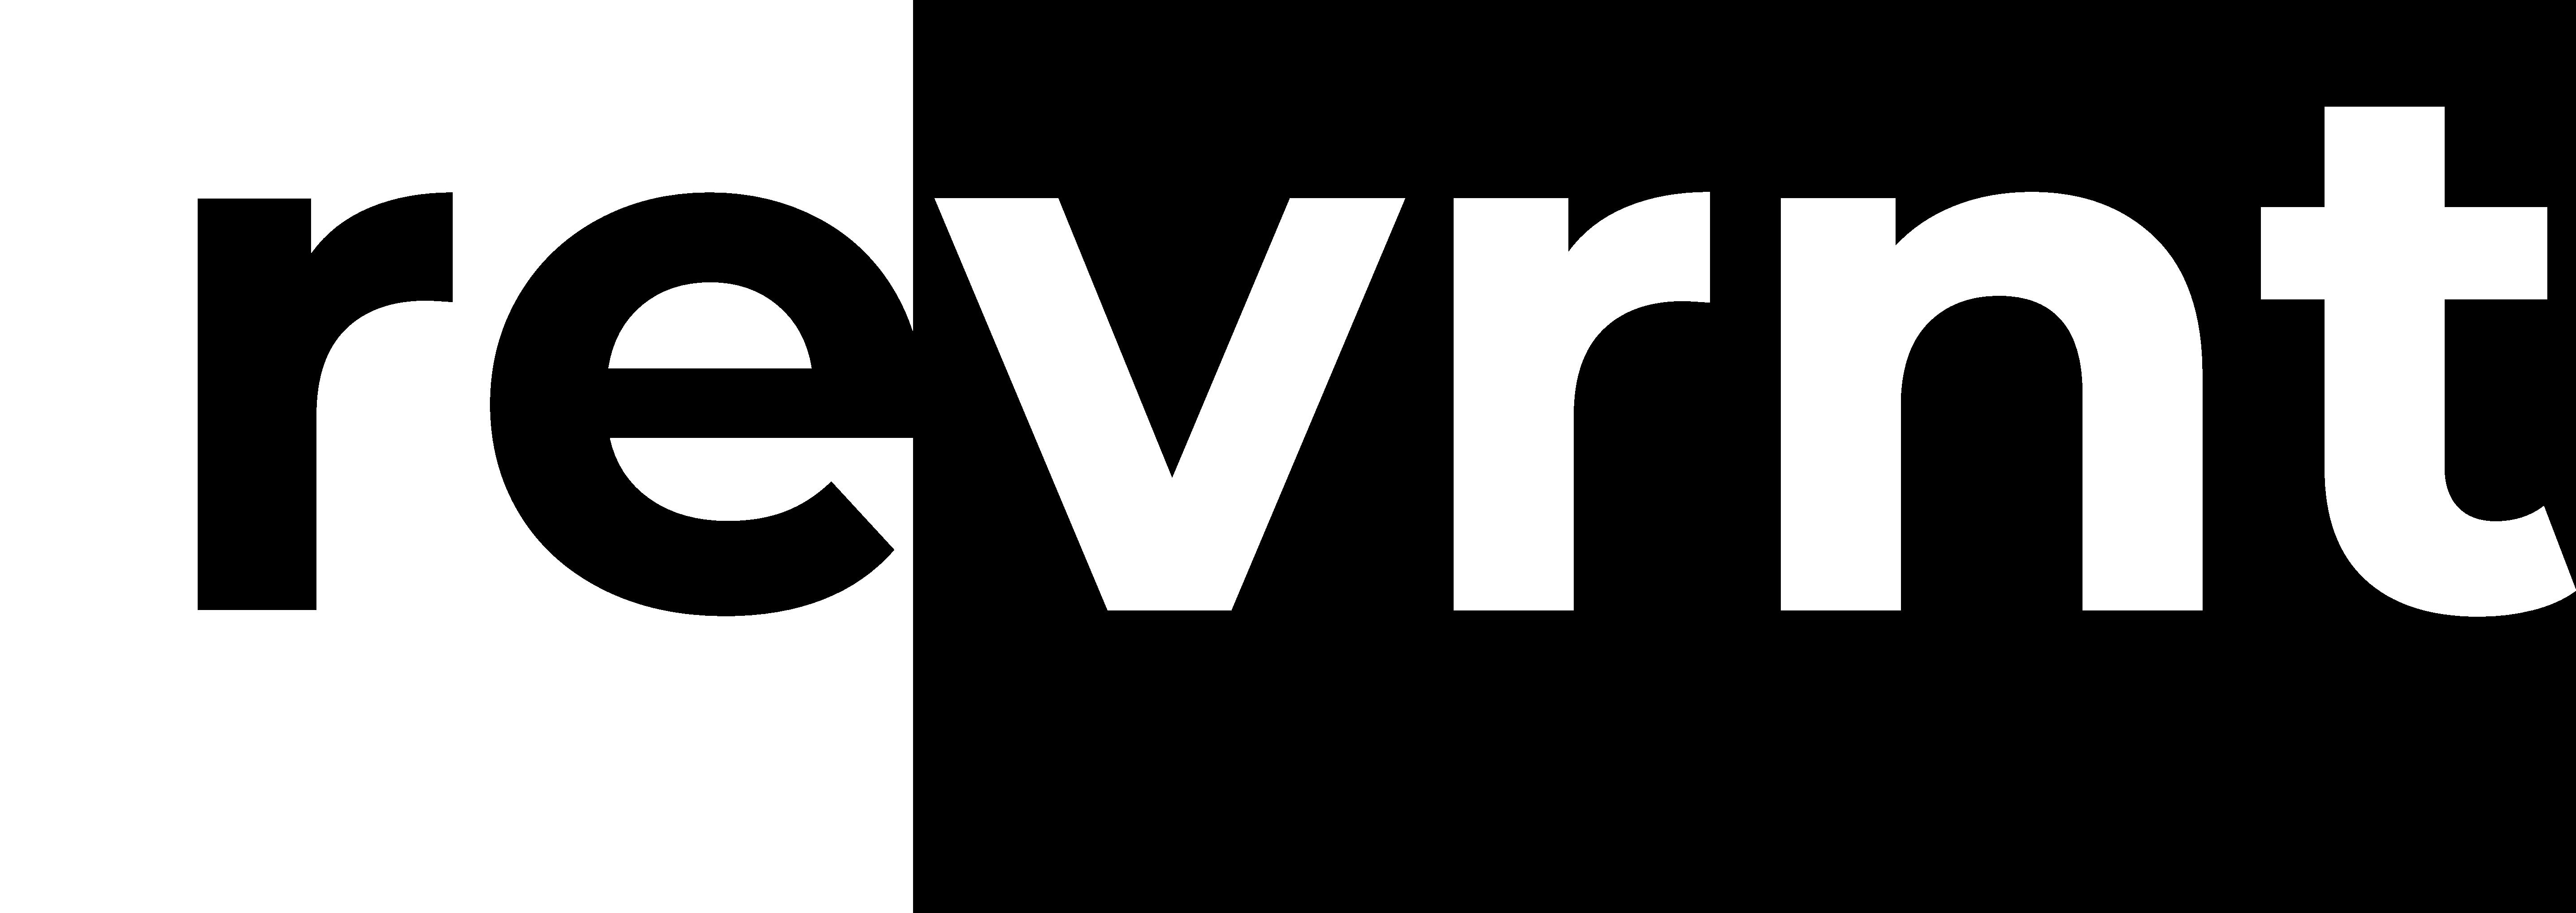 revrnt logo